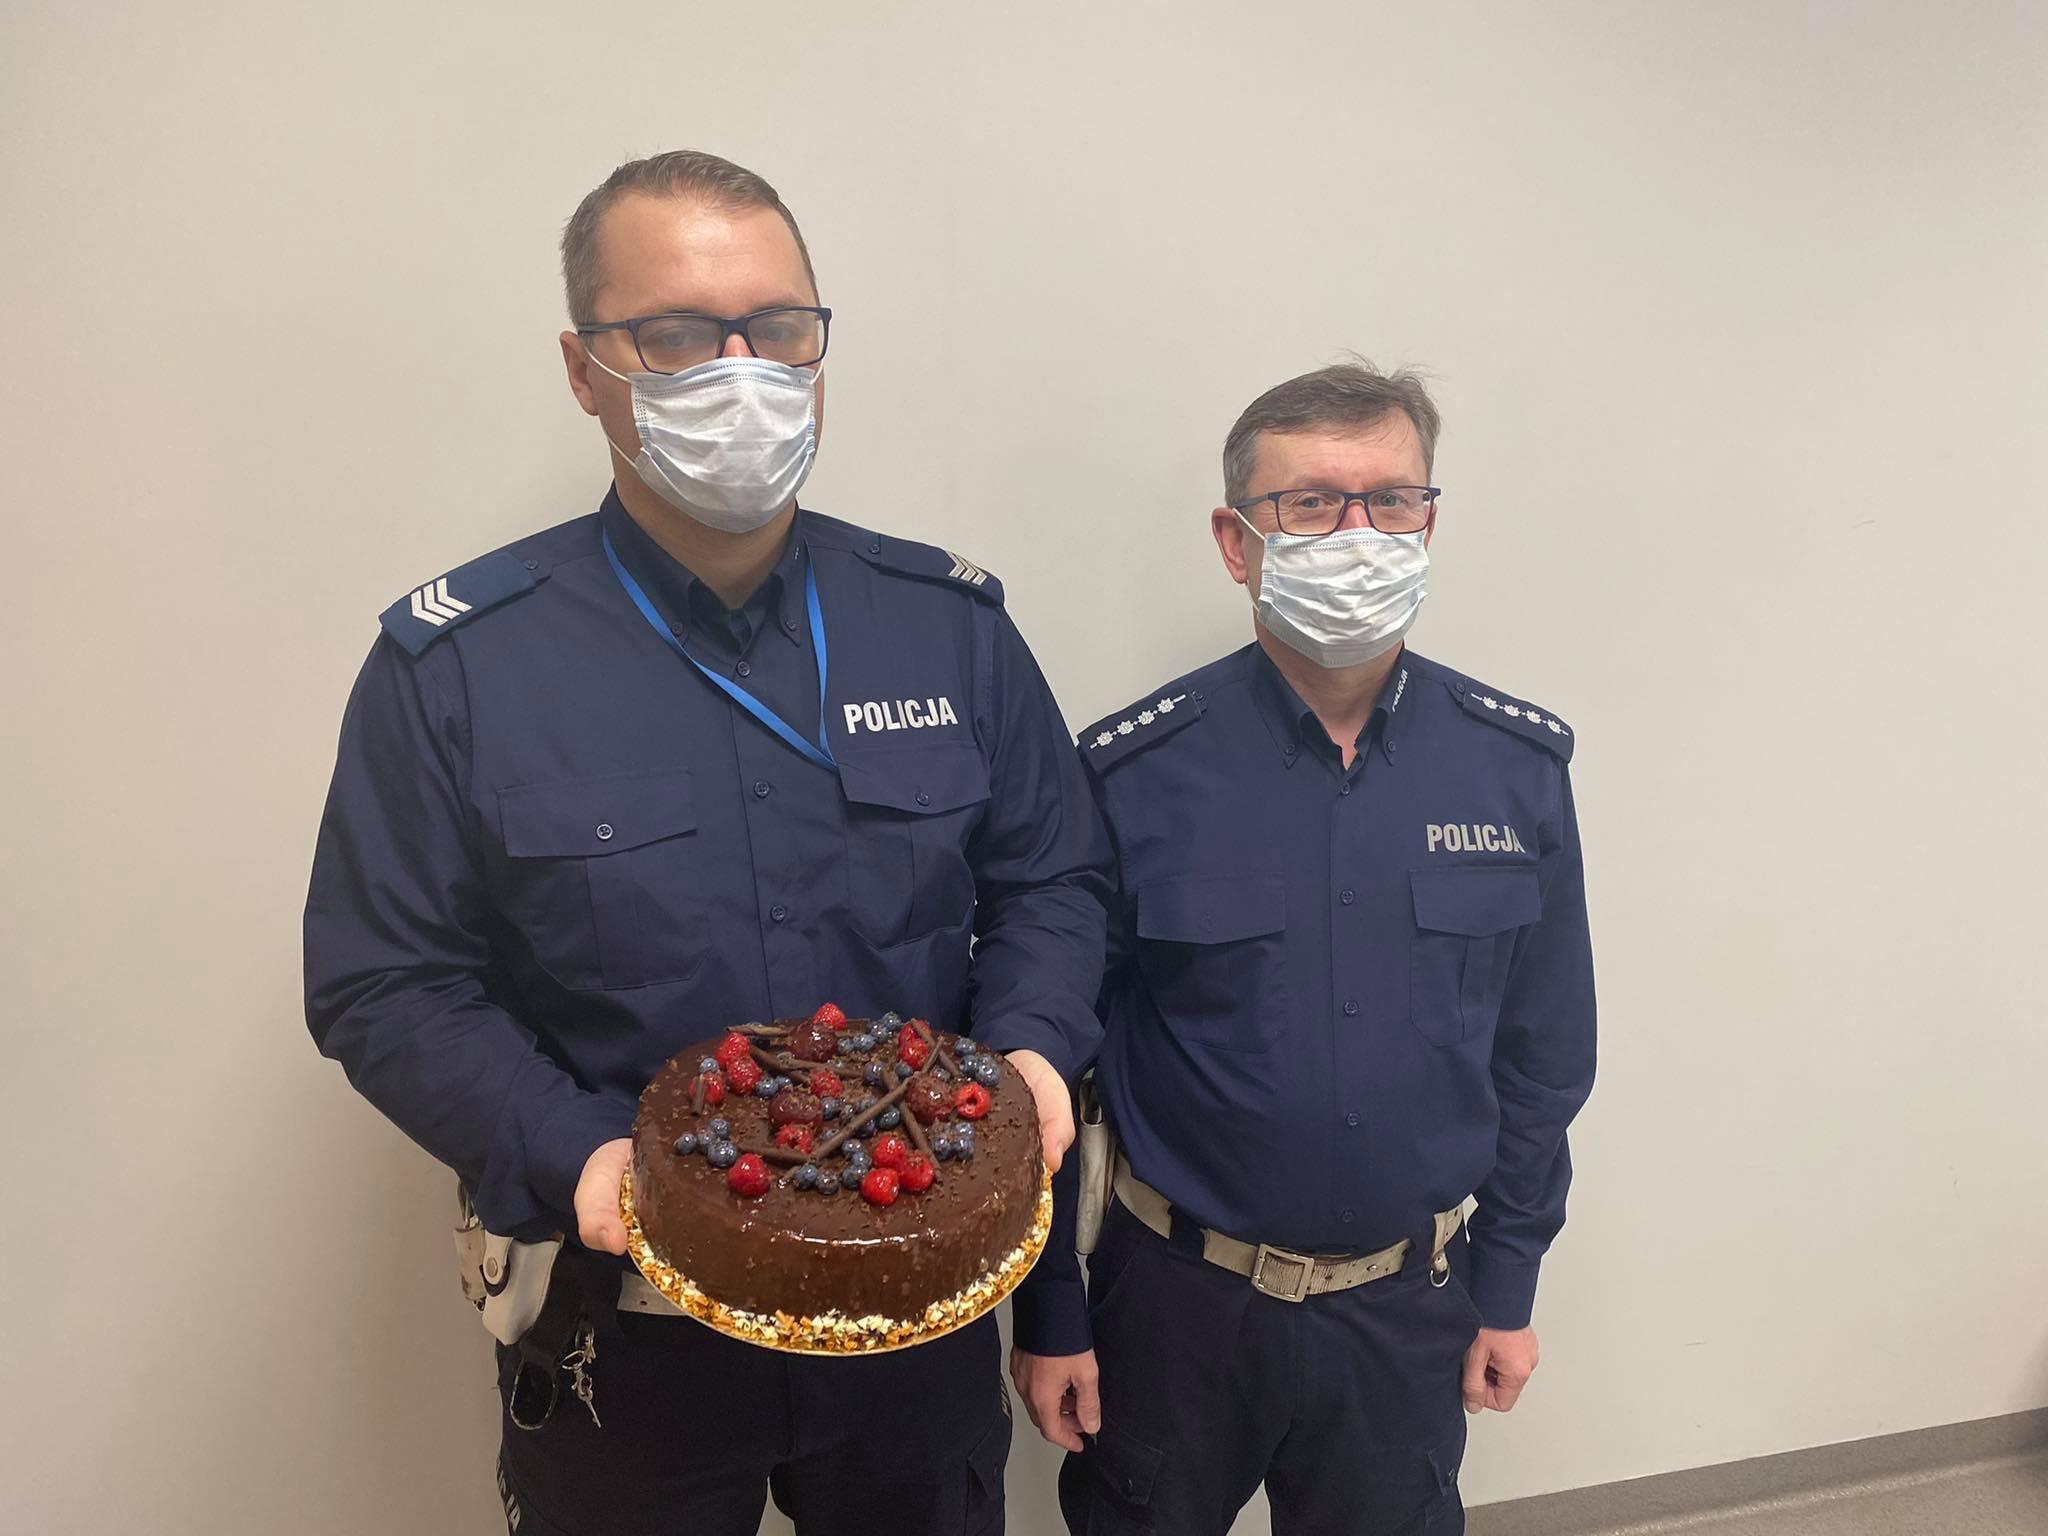 policja nowy tomysl tort theo - KPP w Nowym Tomyślu